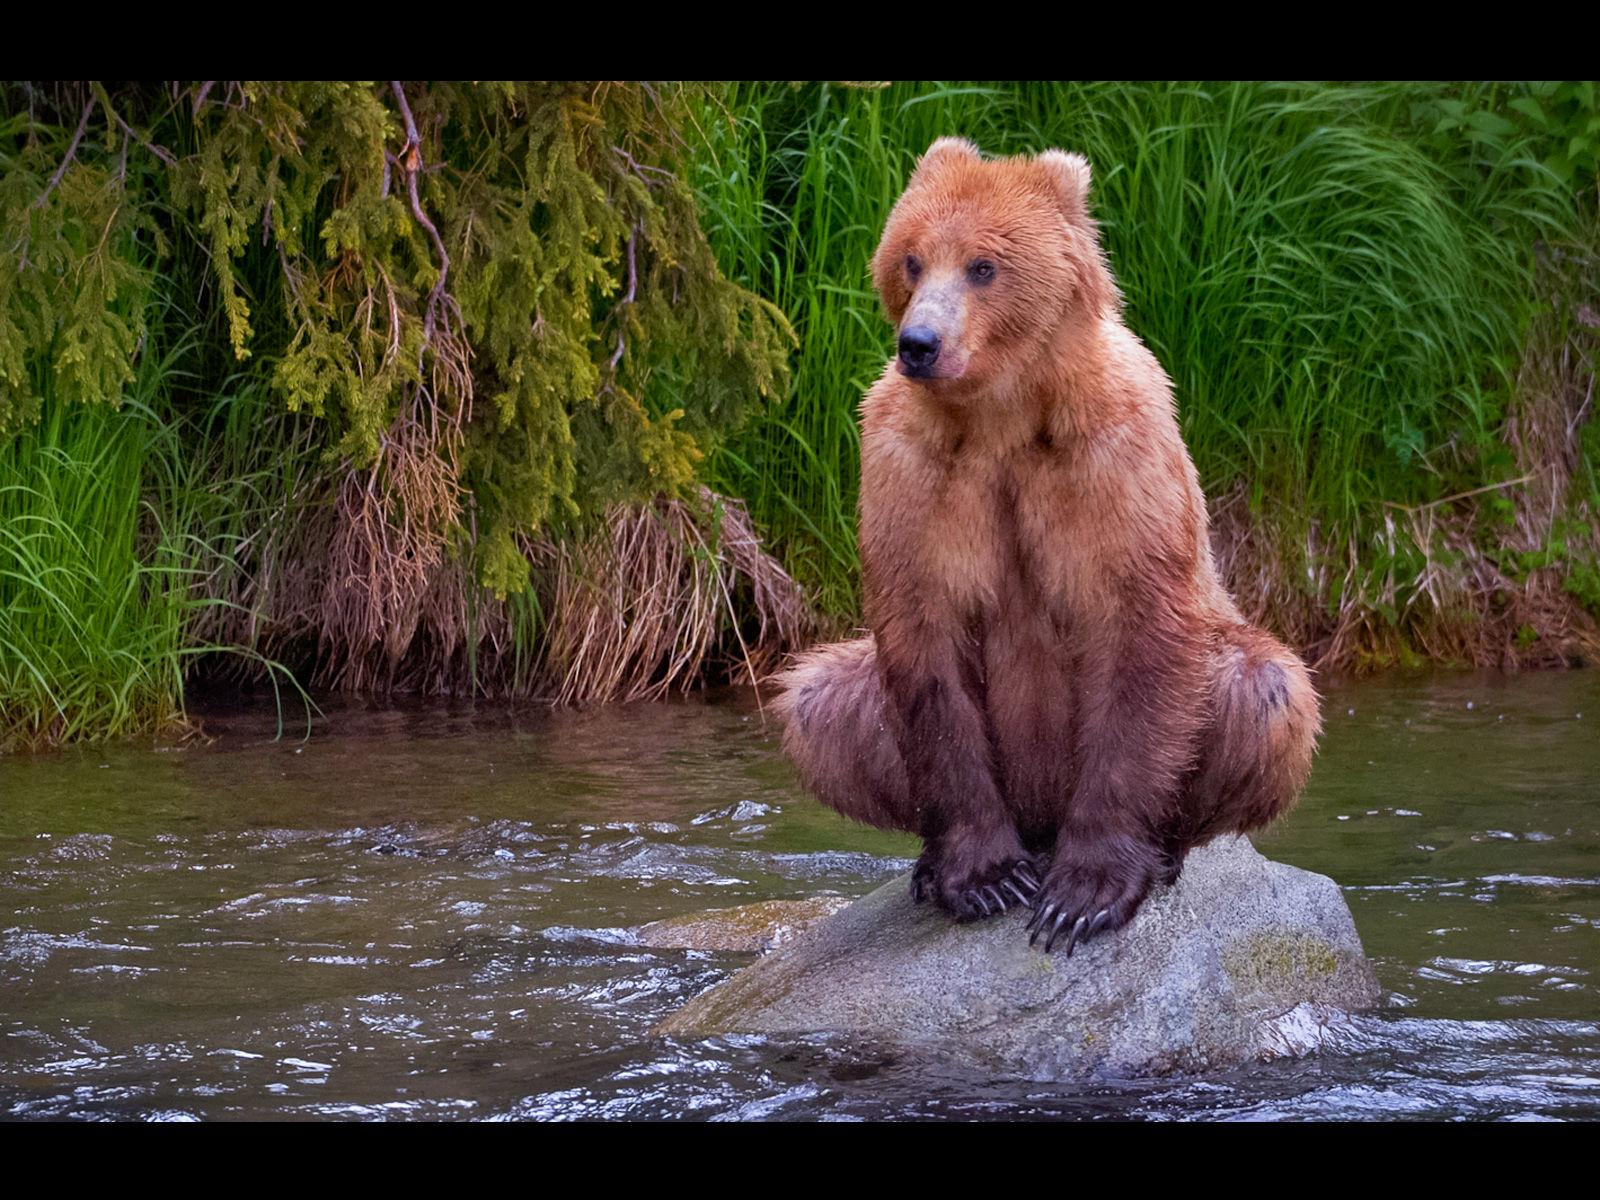 Хуй у медведя вернемся теме